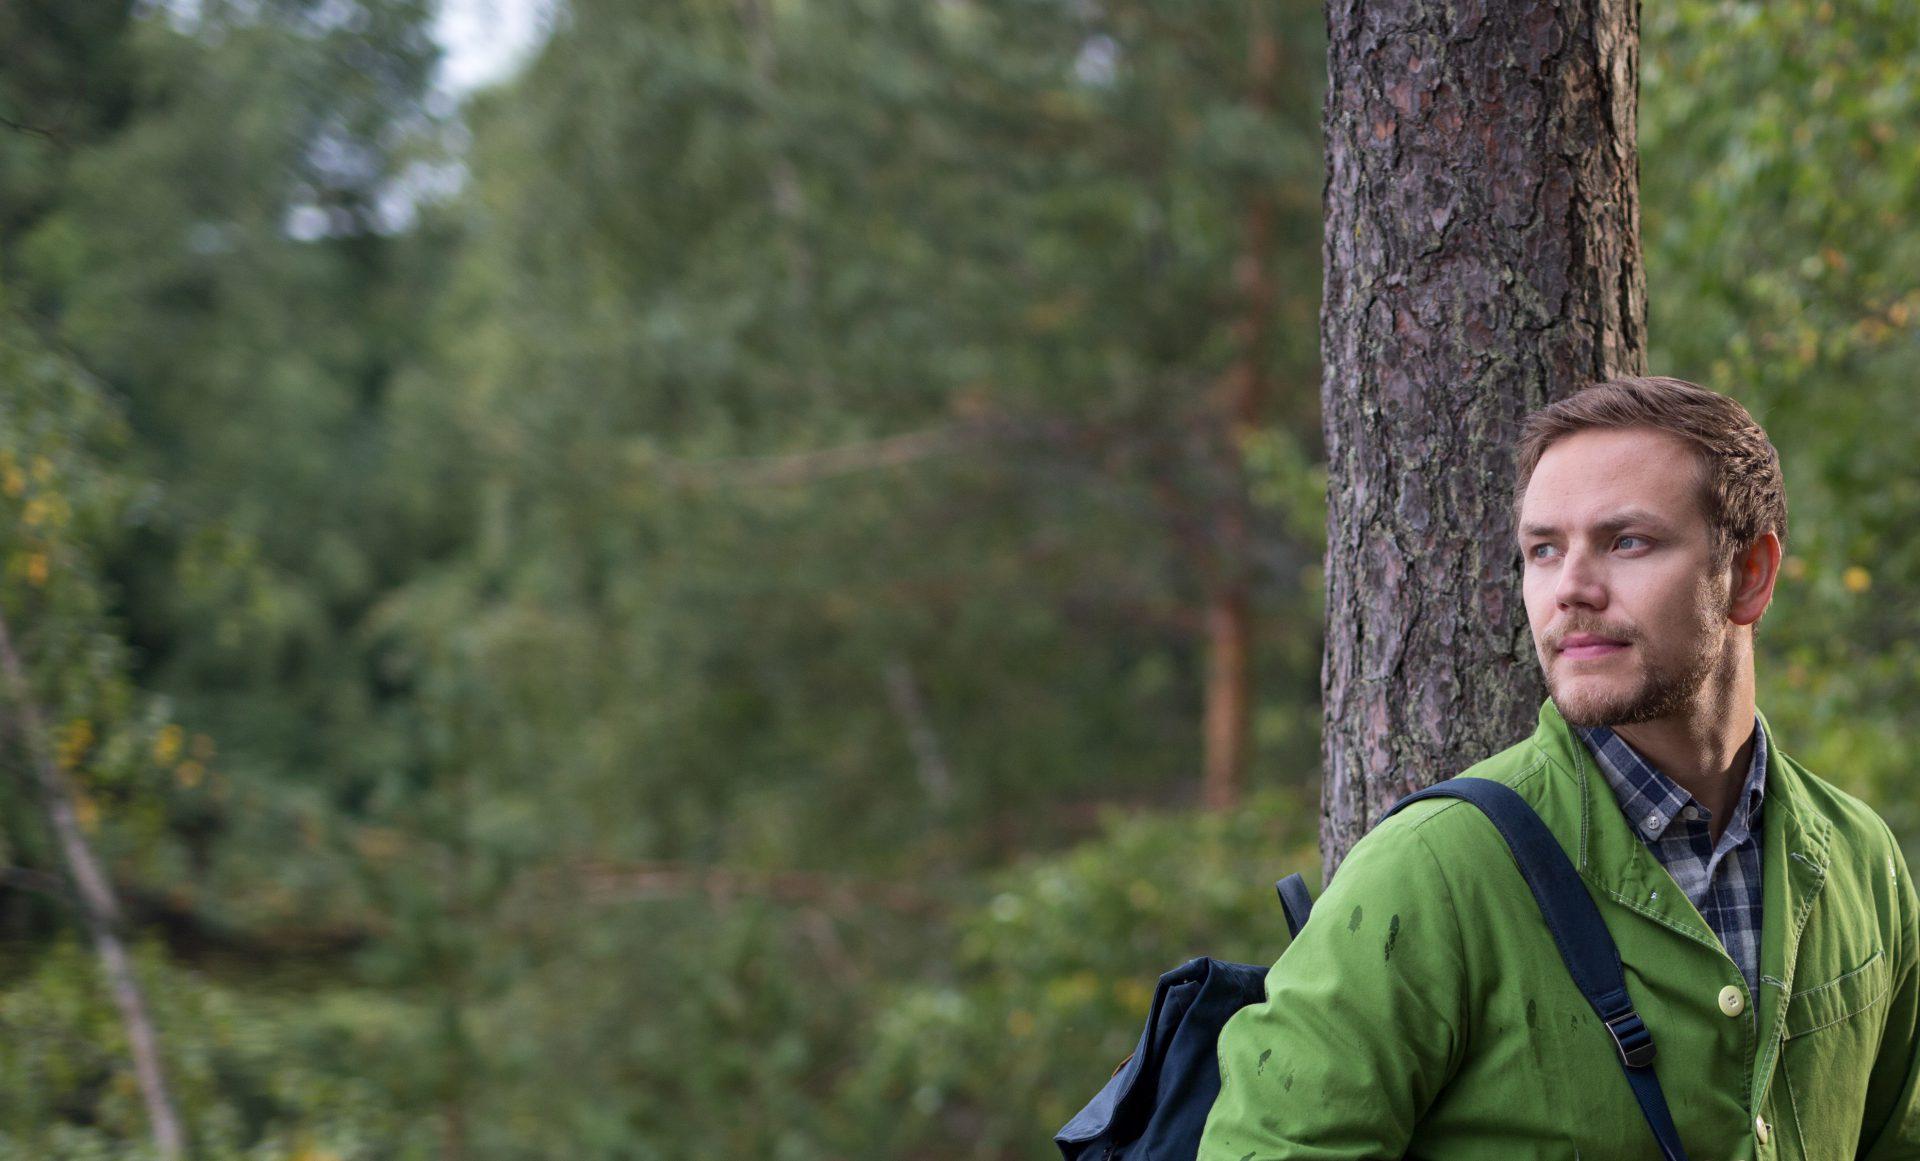 Jaakko Mustakallio